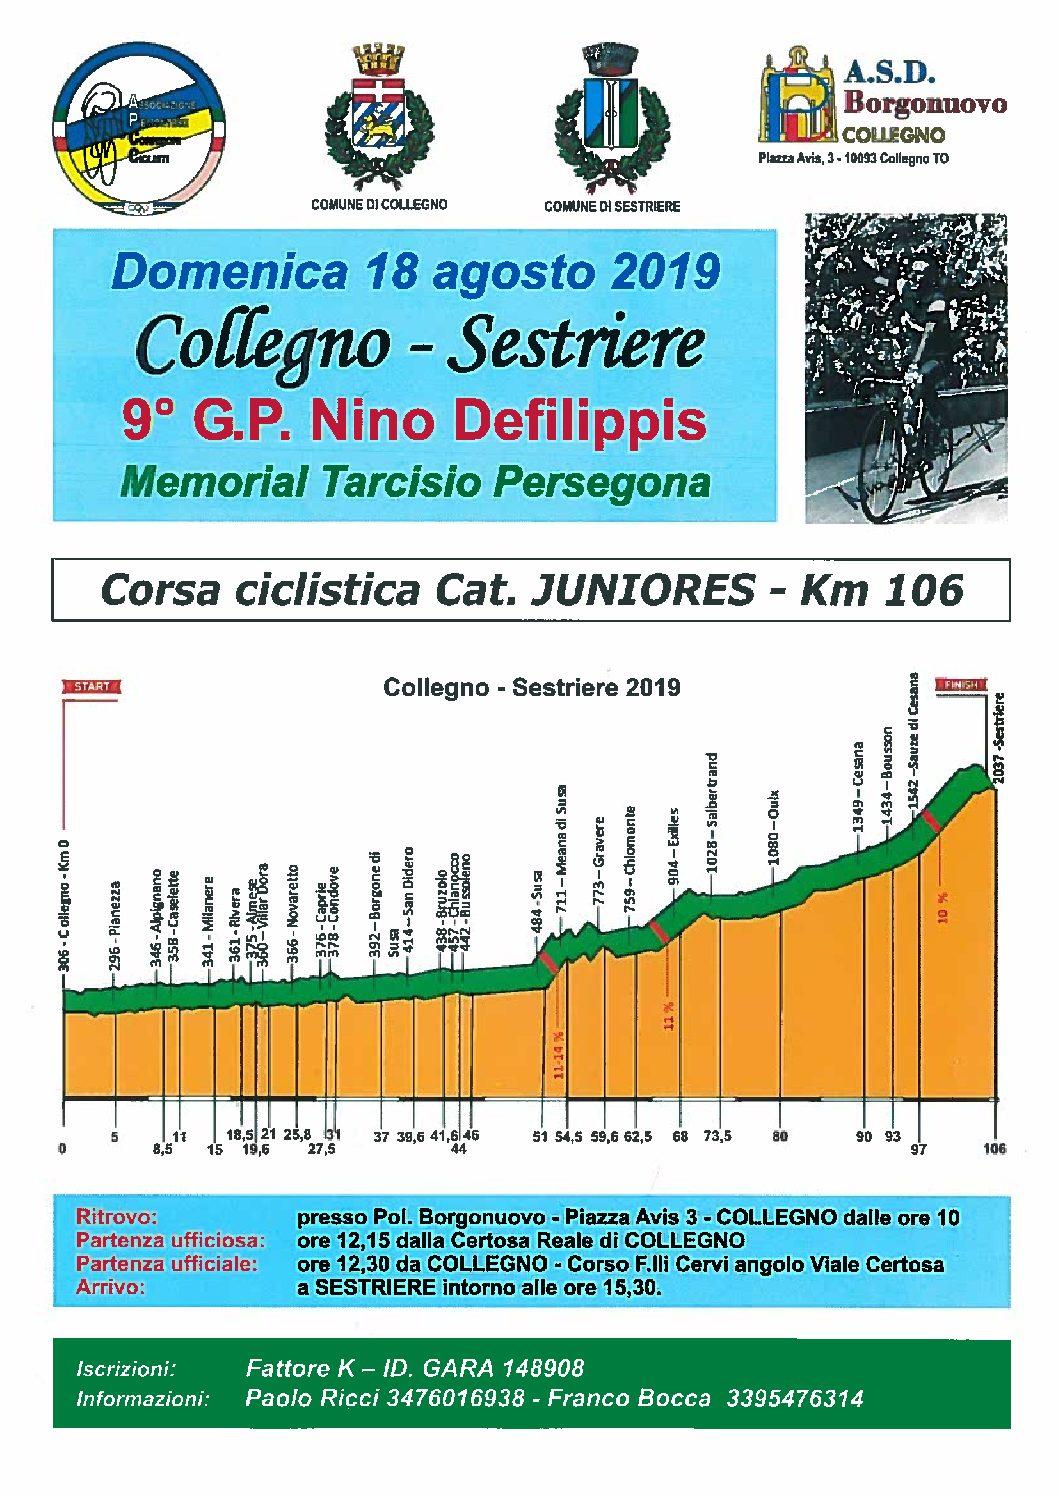 GARA CICLISTICA COLLEGNO-SESTRIERE DOMENICA 18 AGOSTO 2019